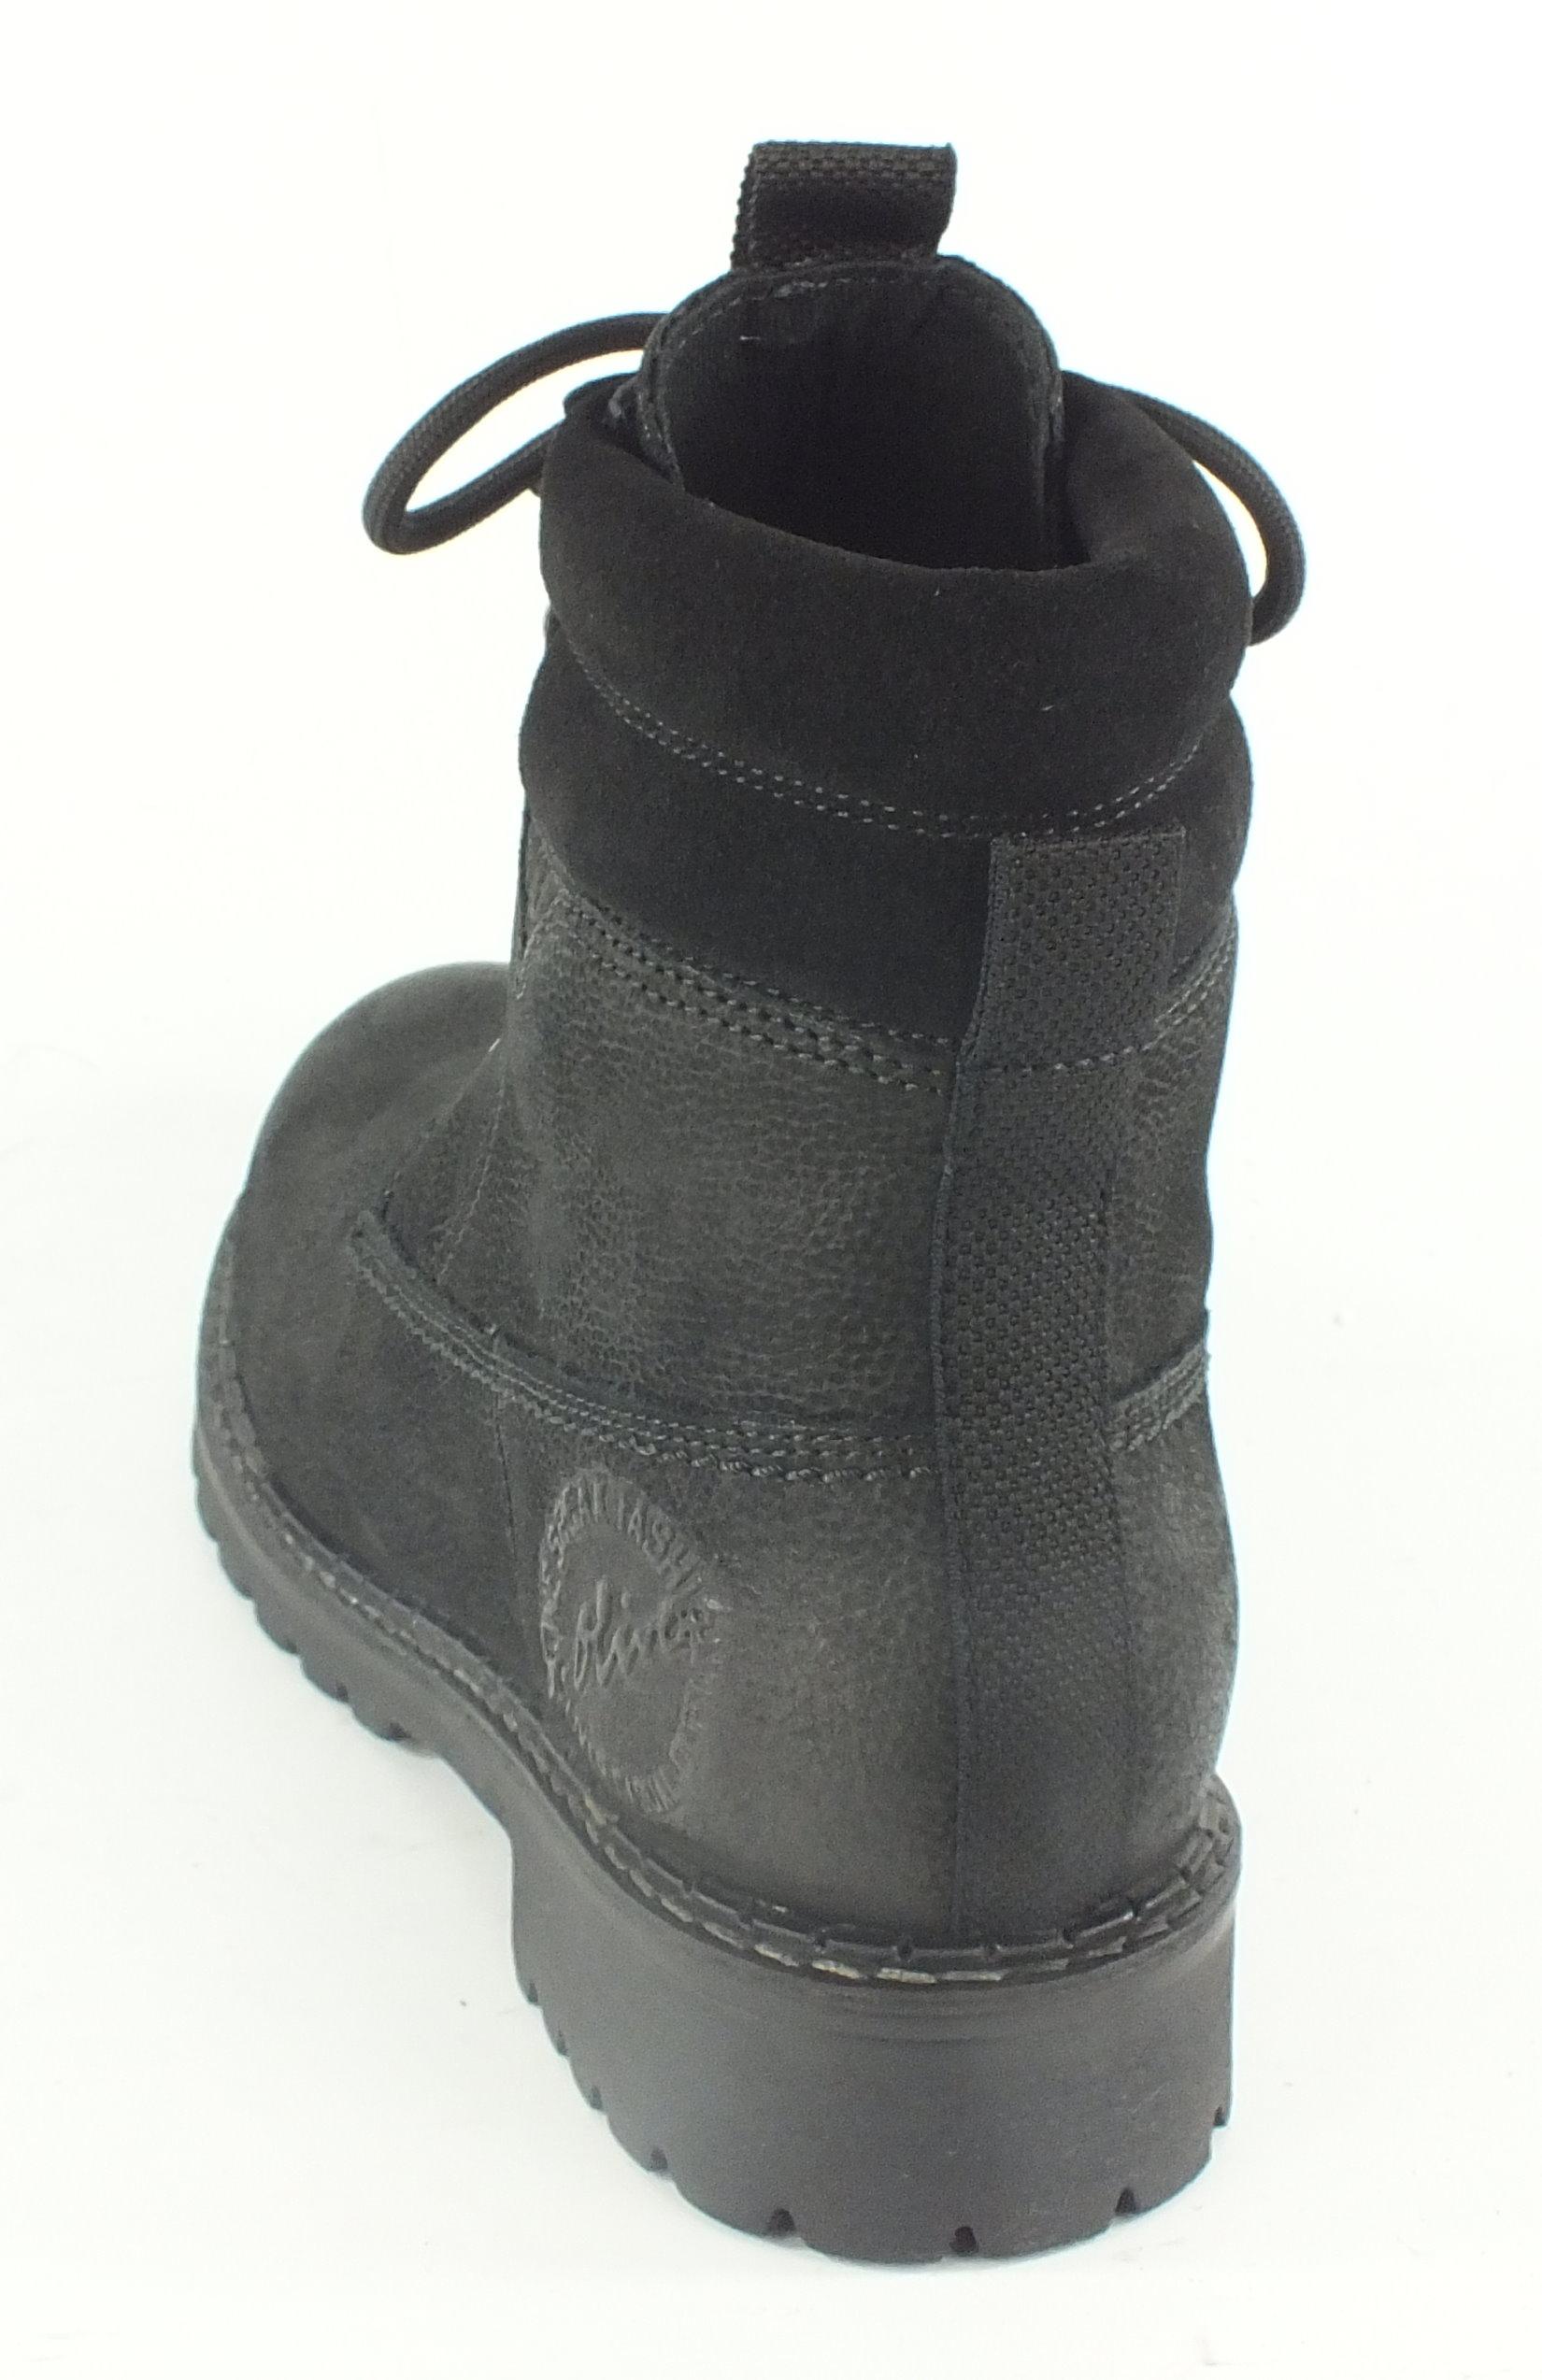 s oliver leder stiefelette stiefel boots schwarz 7344 ebay. Black Bedroom Furniture Sets. Home Design Ideas